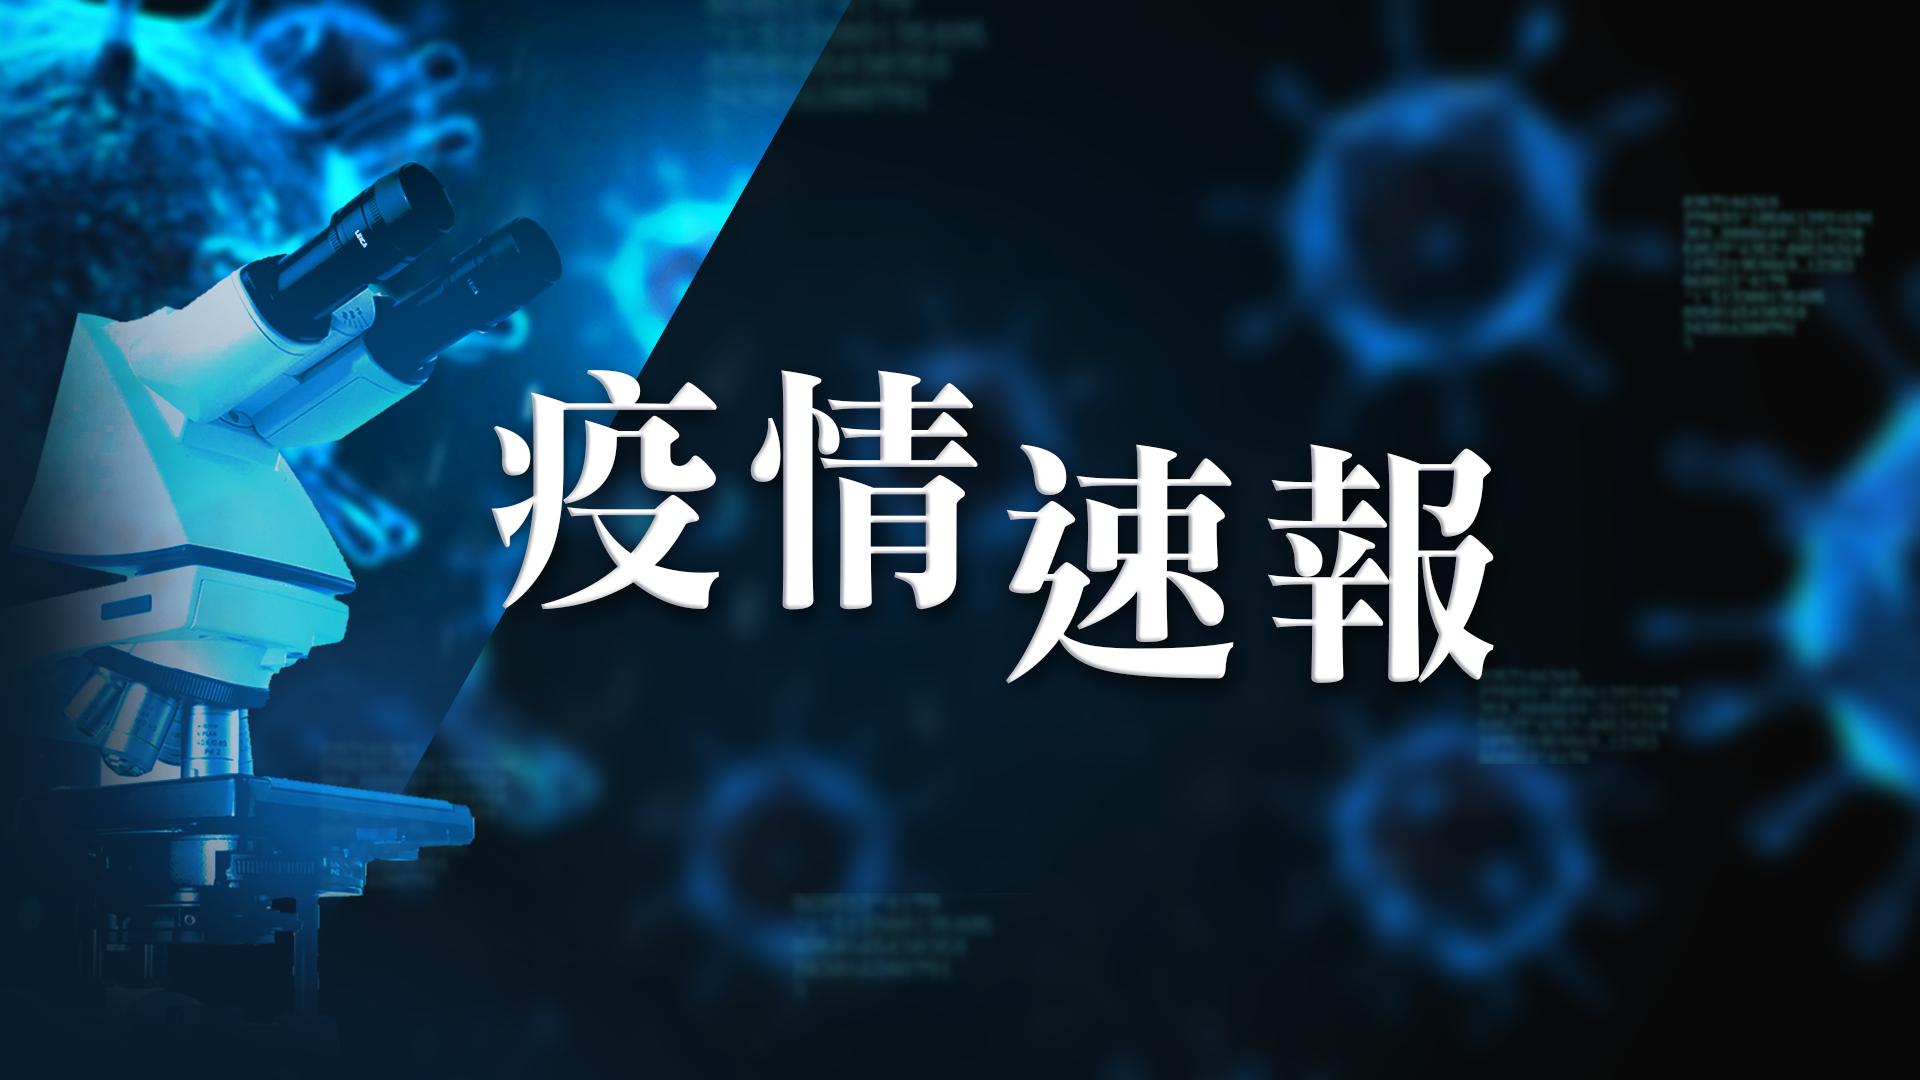 【1月24日疫情速報】(00:15)